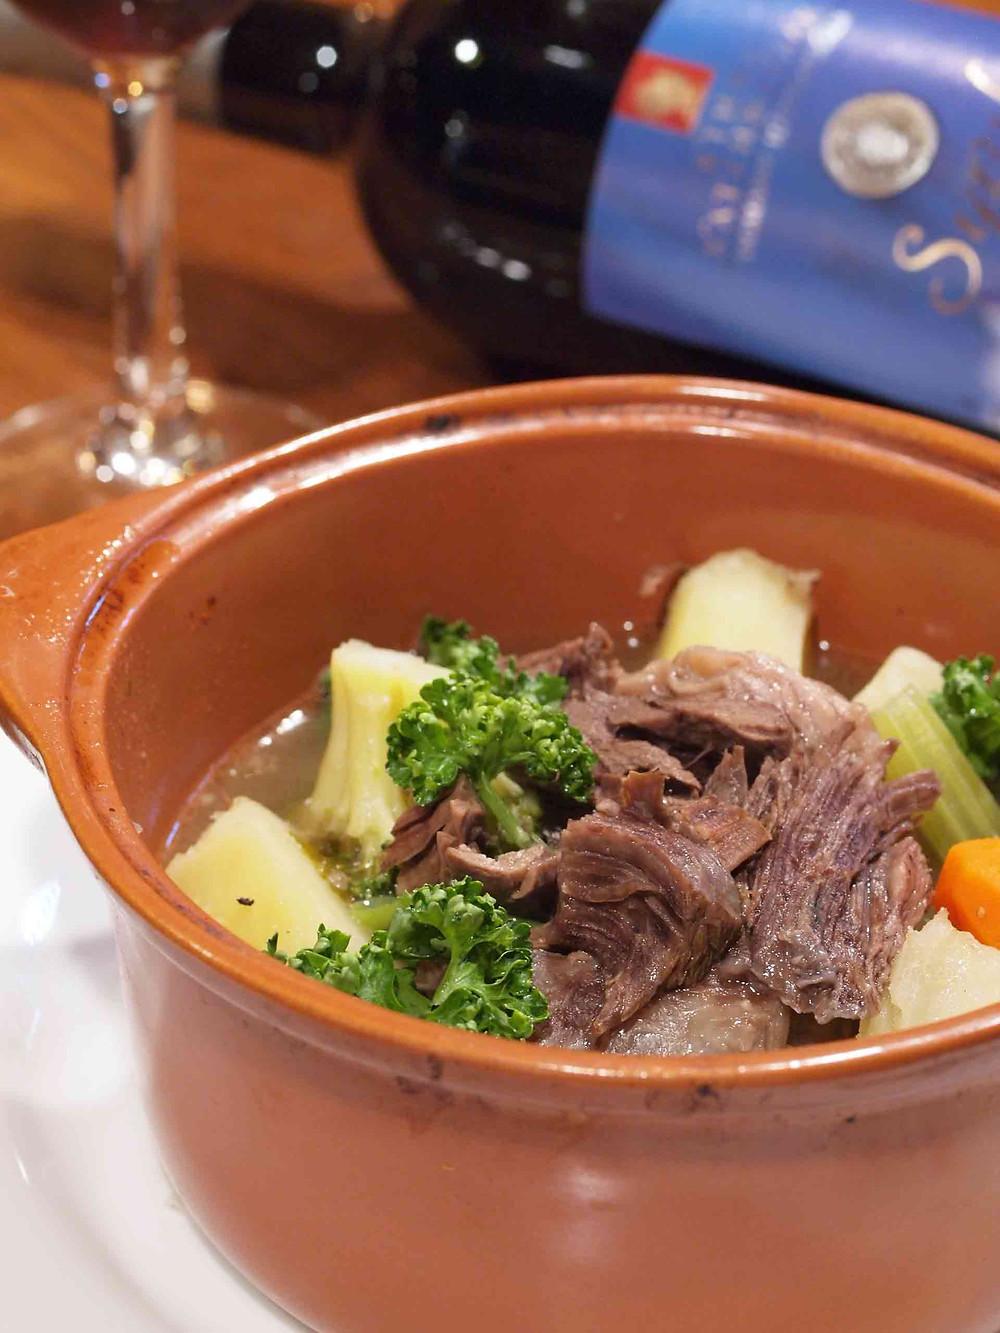 ブラストー(牛すね肉と野菜の煮込み)